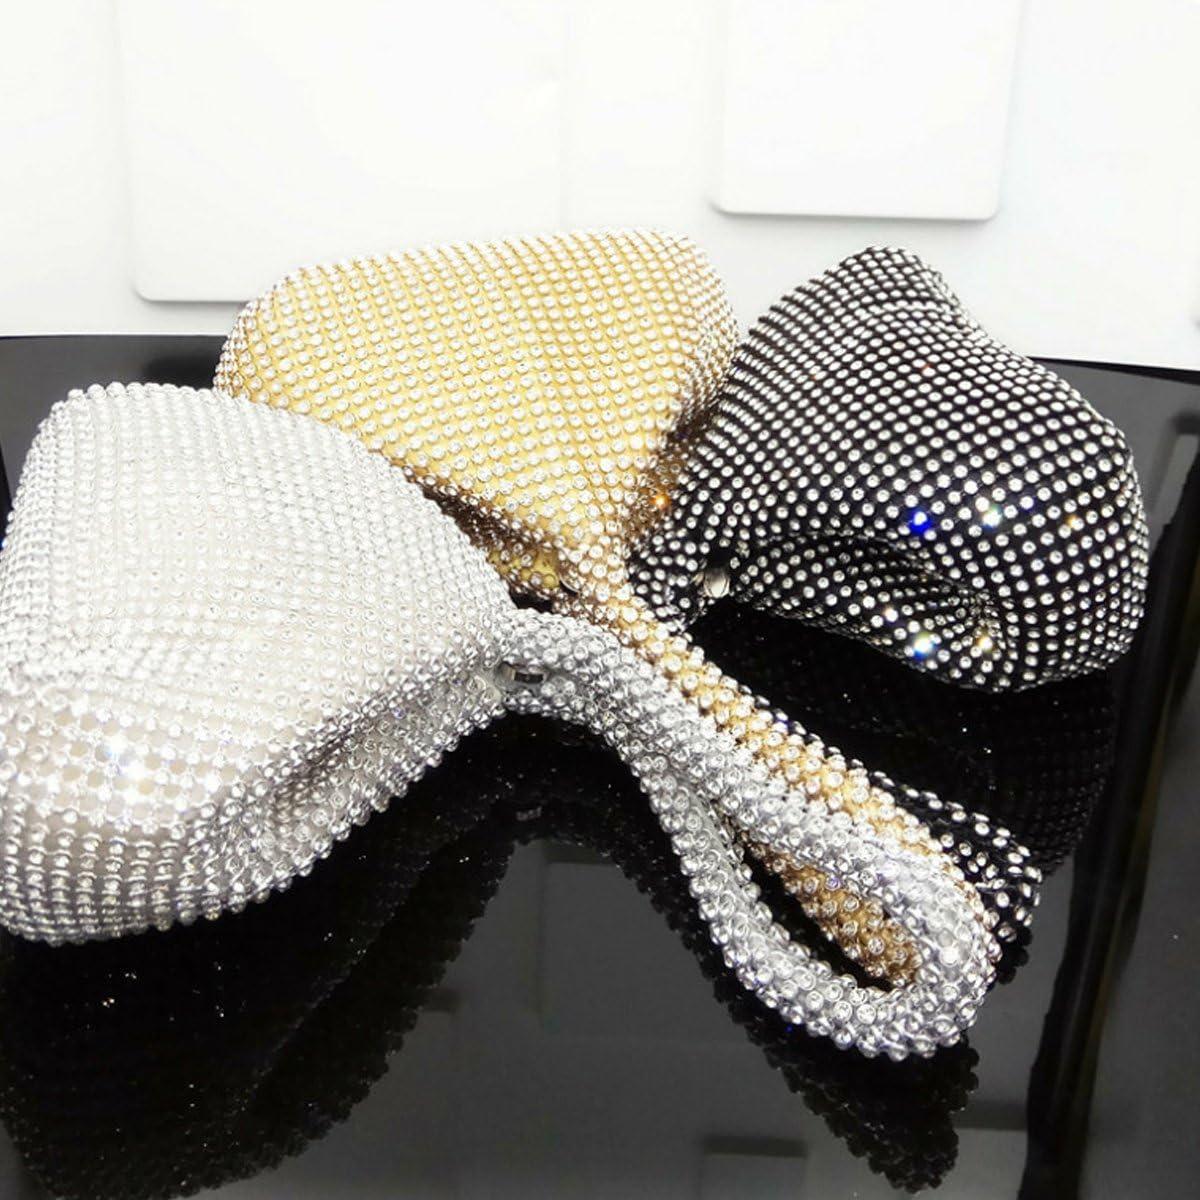 Flada Women Evening Clutch Bag Wedding Party Clutch Purse Handbag with Rhinestone Evening Purse Ladies